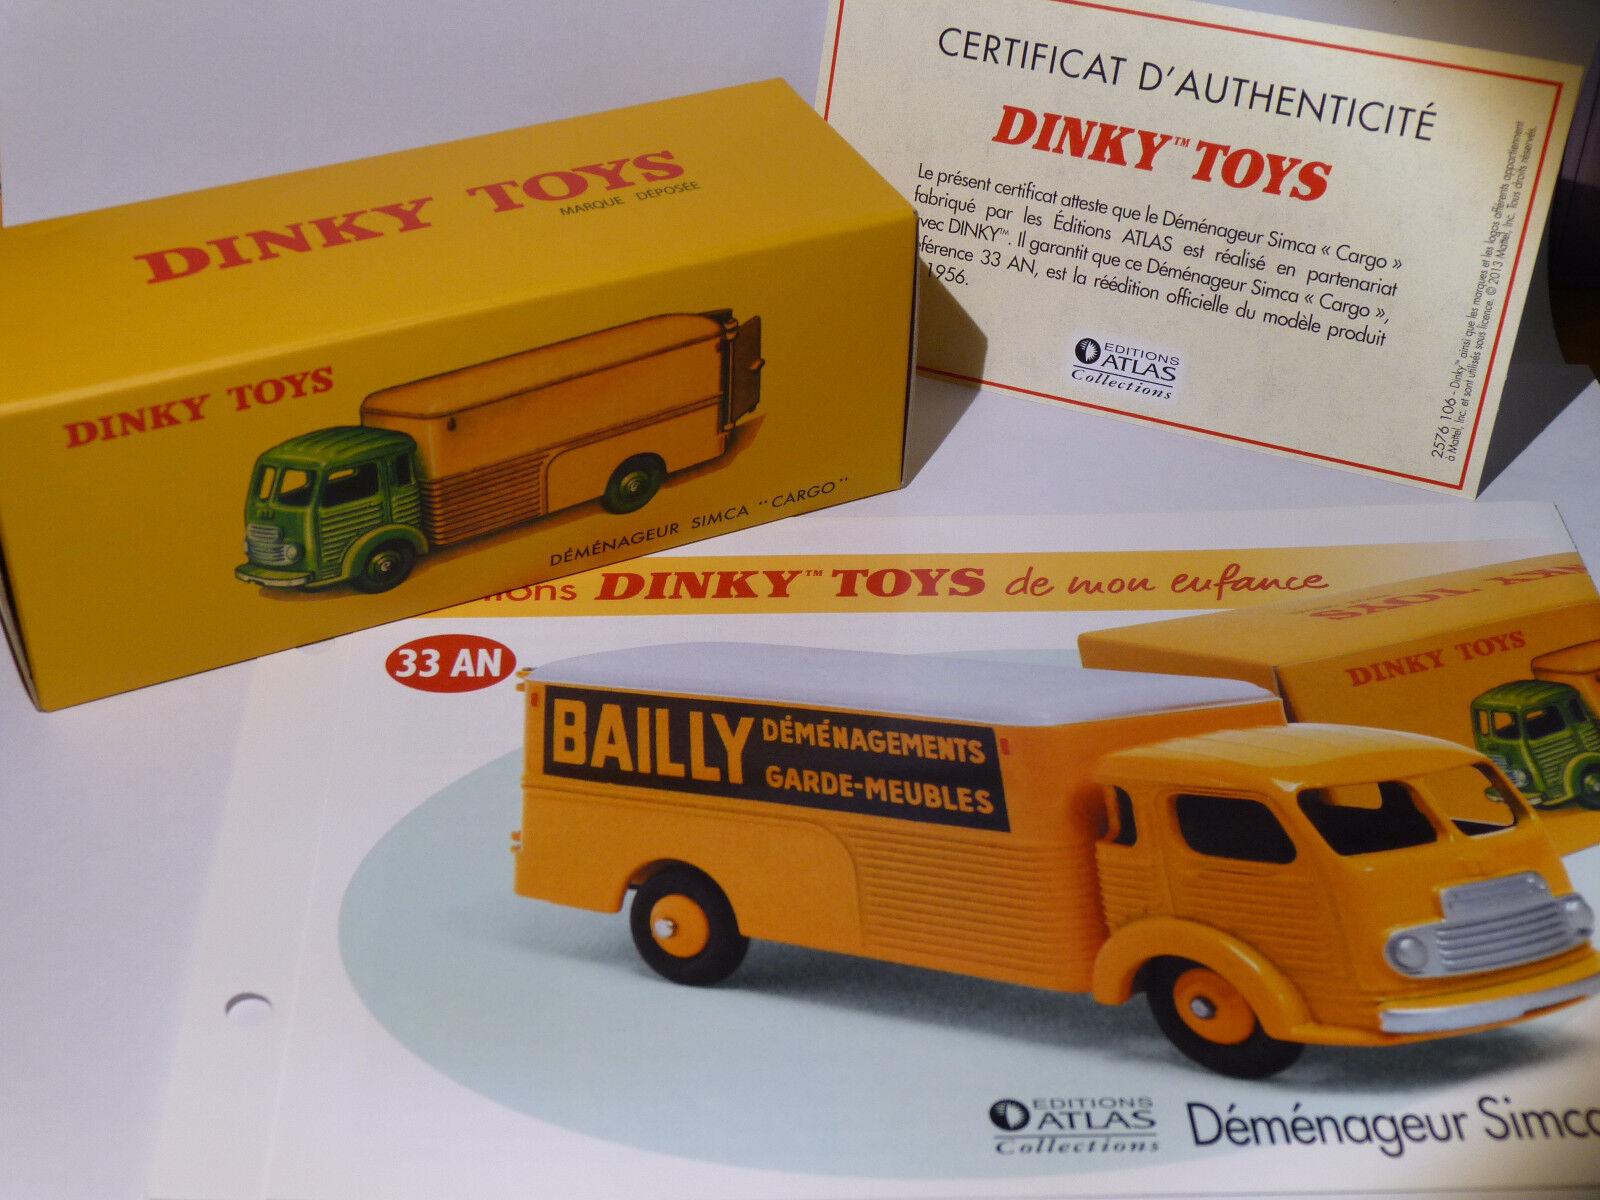 Camion Mover Simca Cargo   BAILLY   - rif. 33 ANNO   33AN di dinky toys atlas